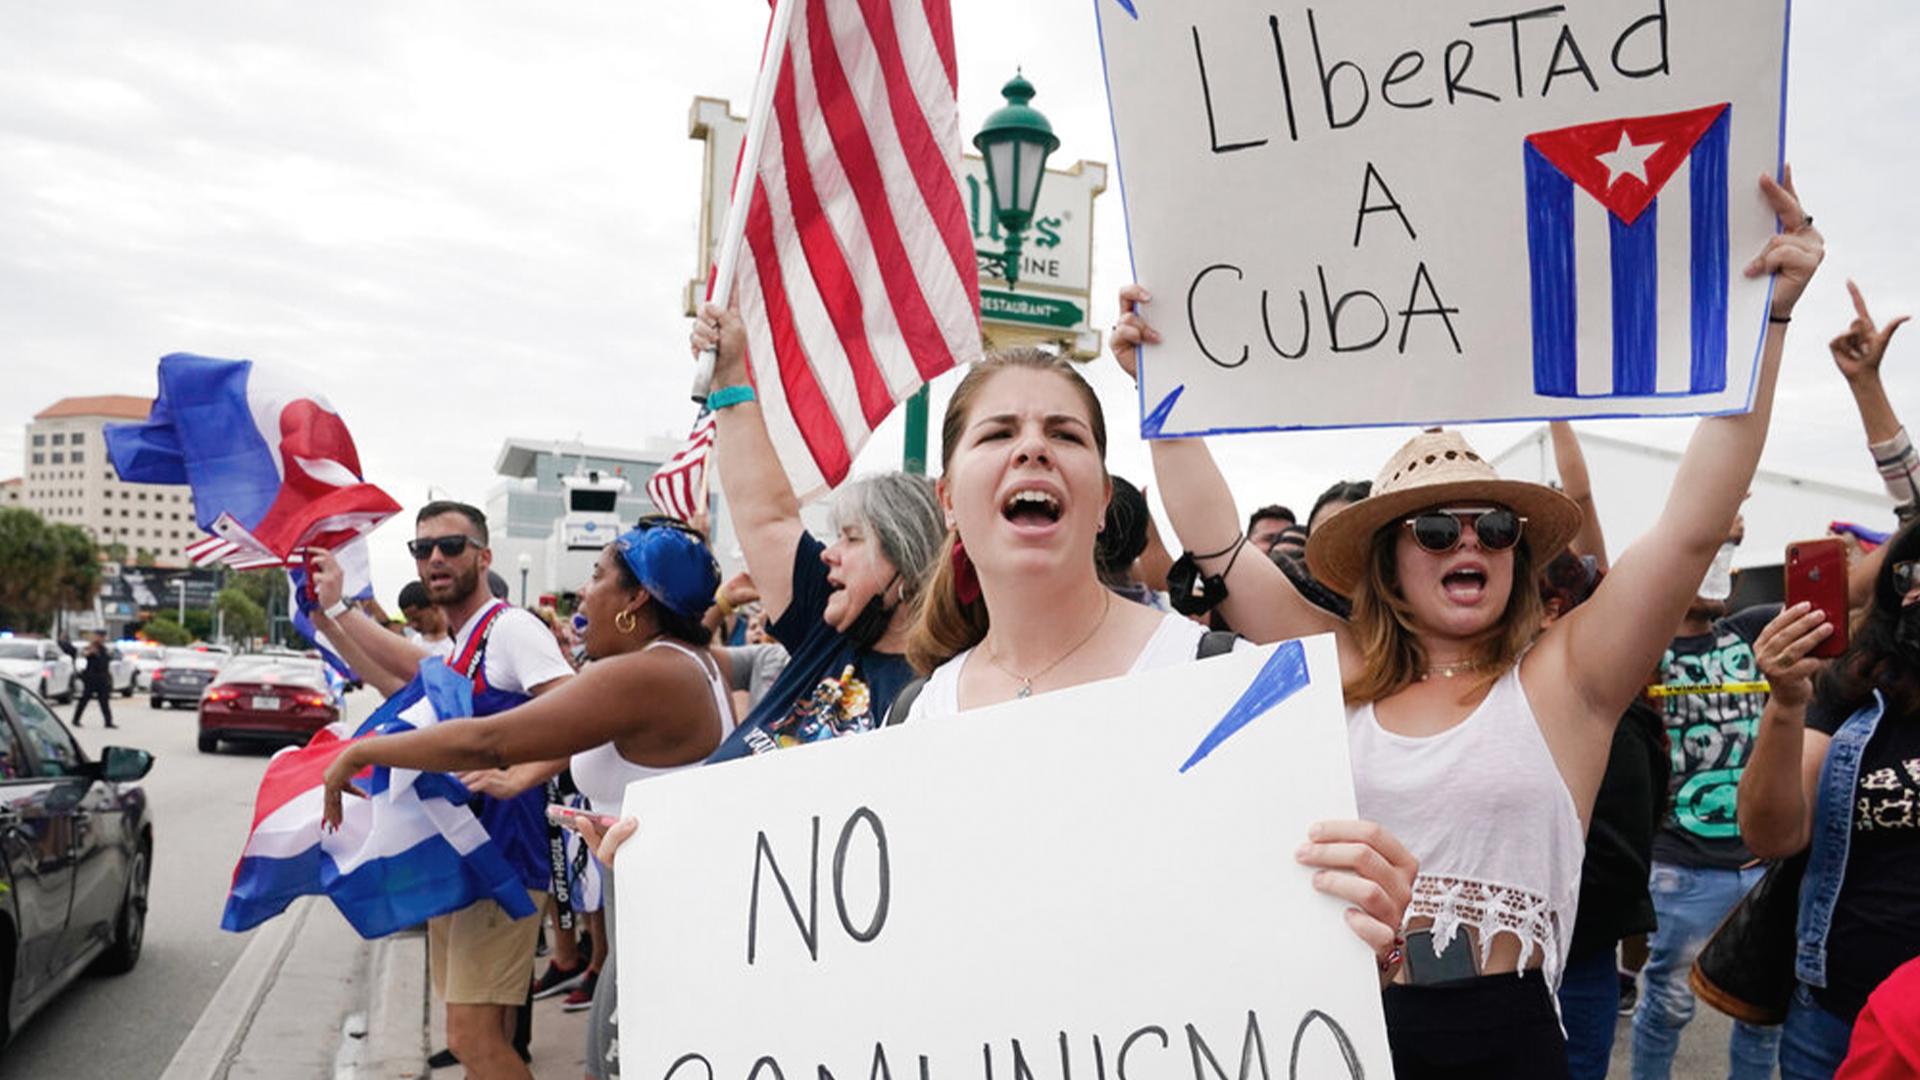 Manifestantes de Miami bloquean carretera para apoyar protestas cubanas |  WFLA